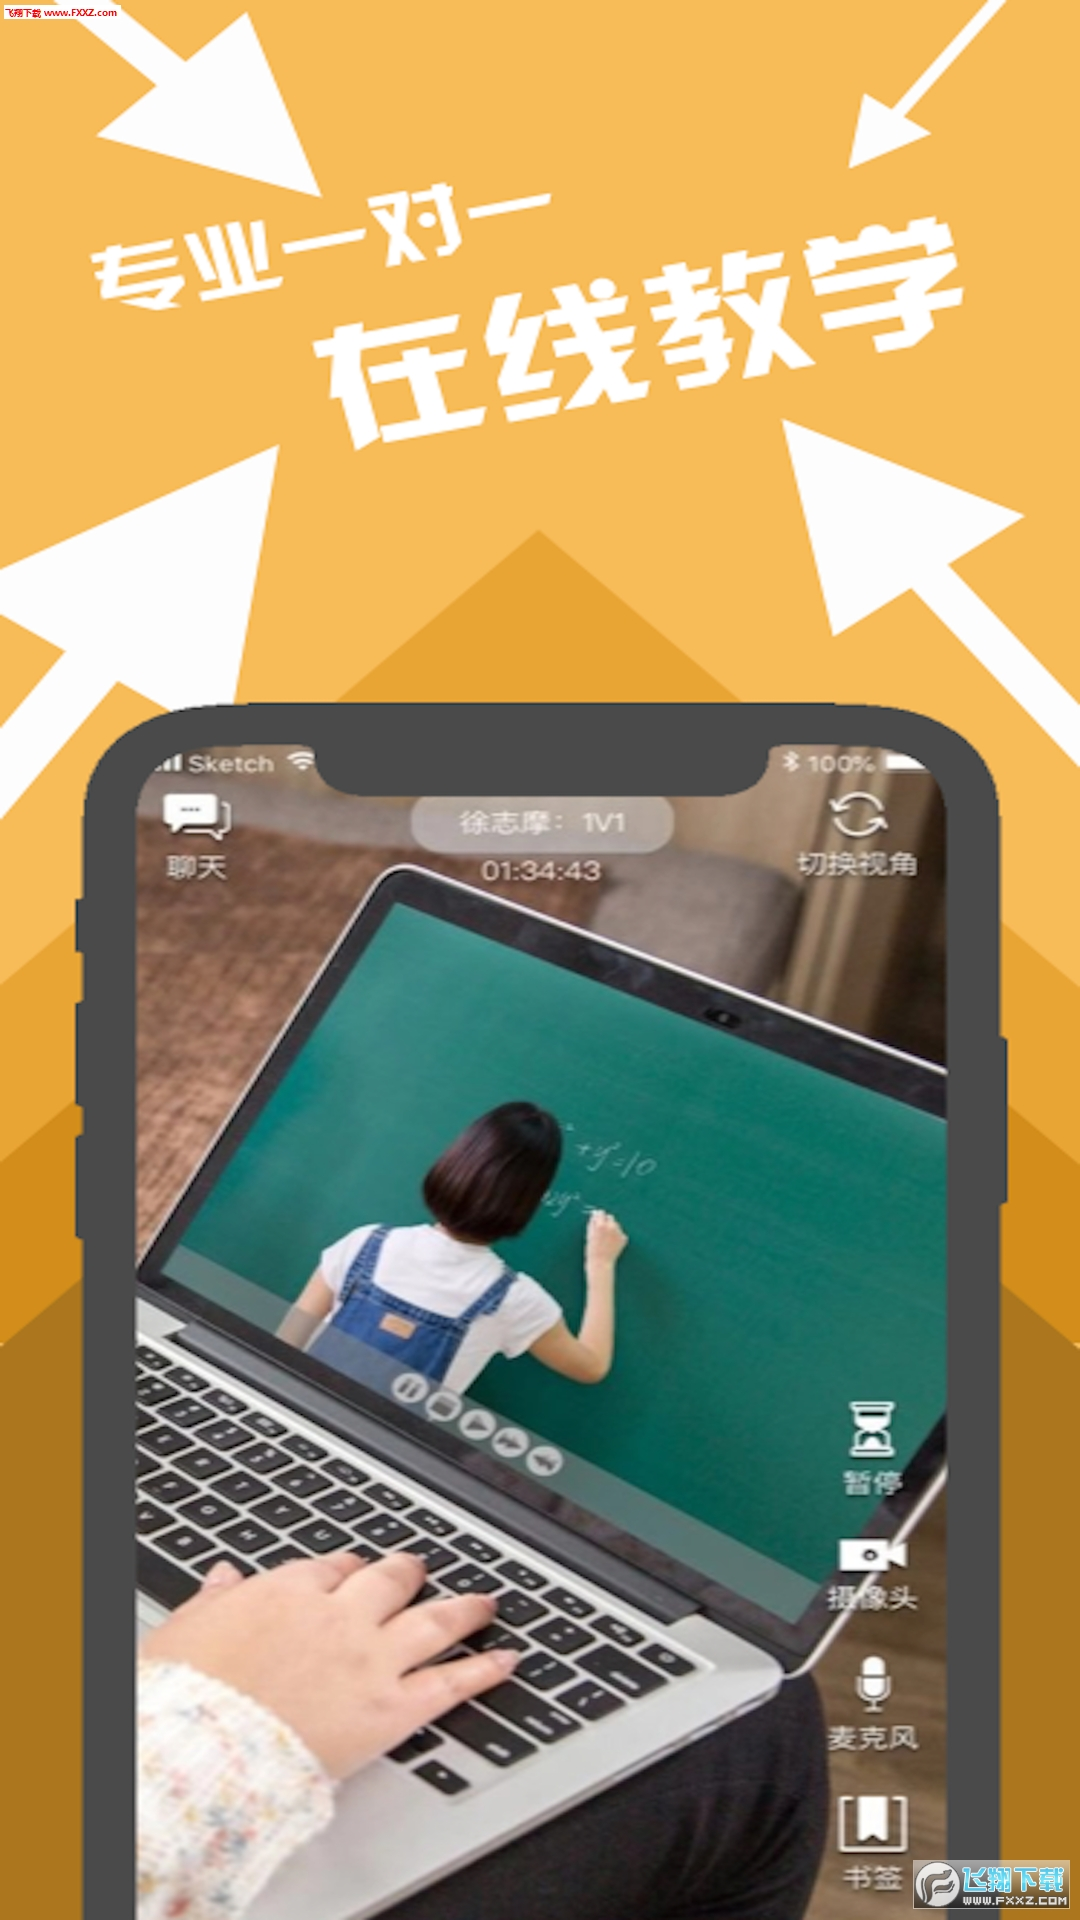 咸冰考研app官方版3.0.1截图1